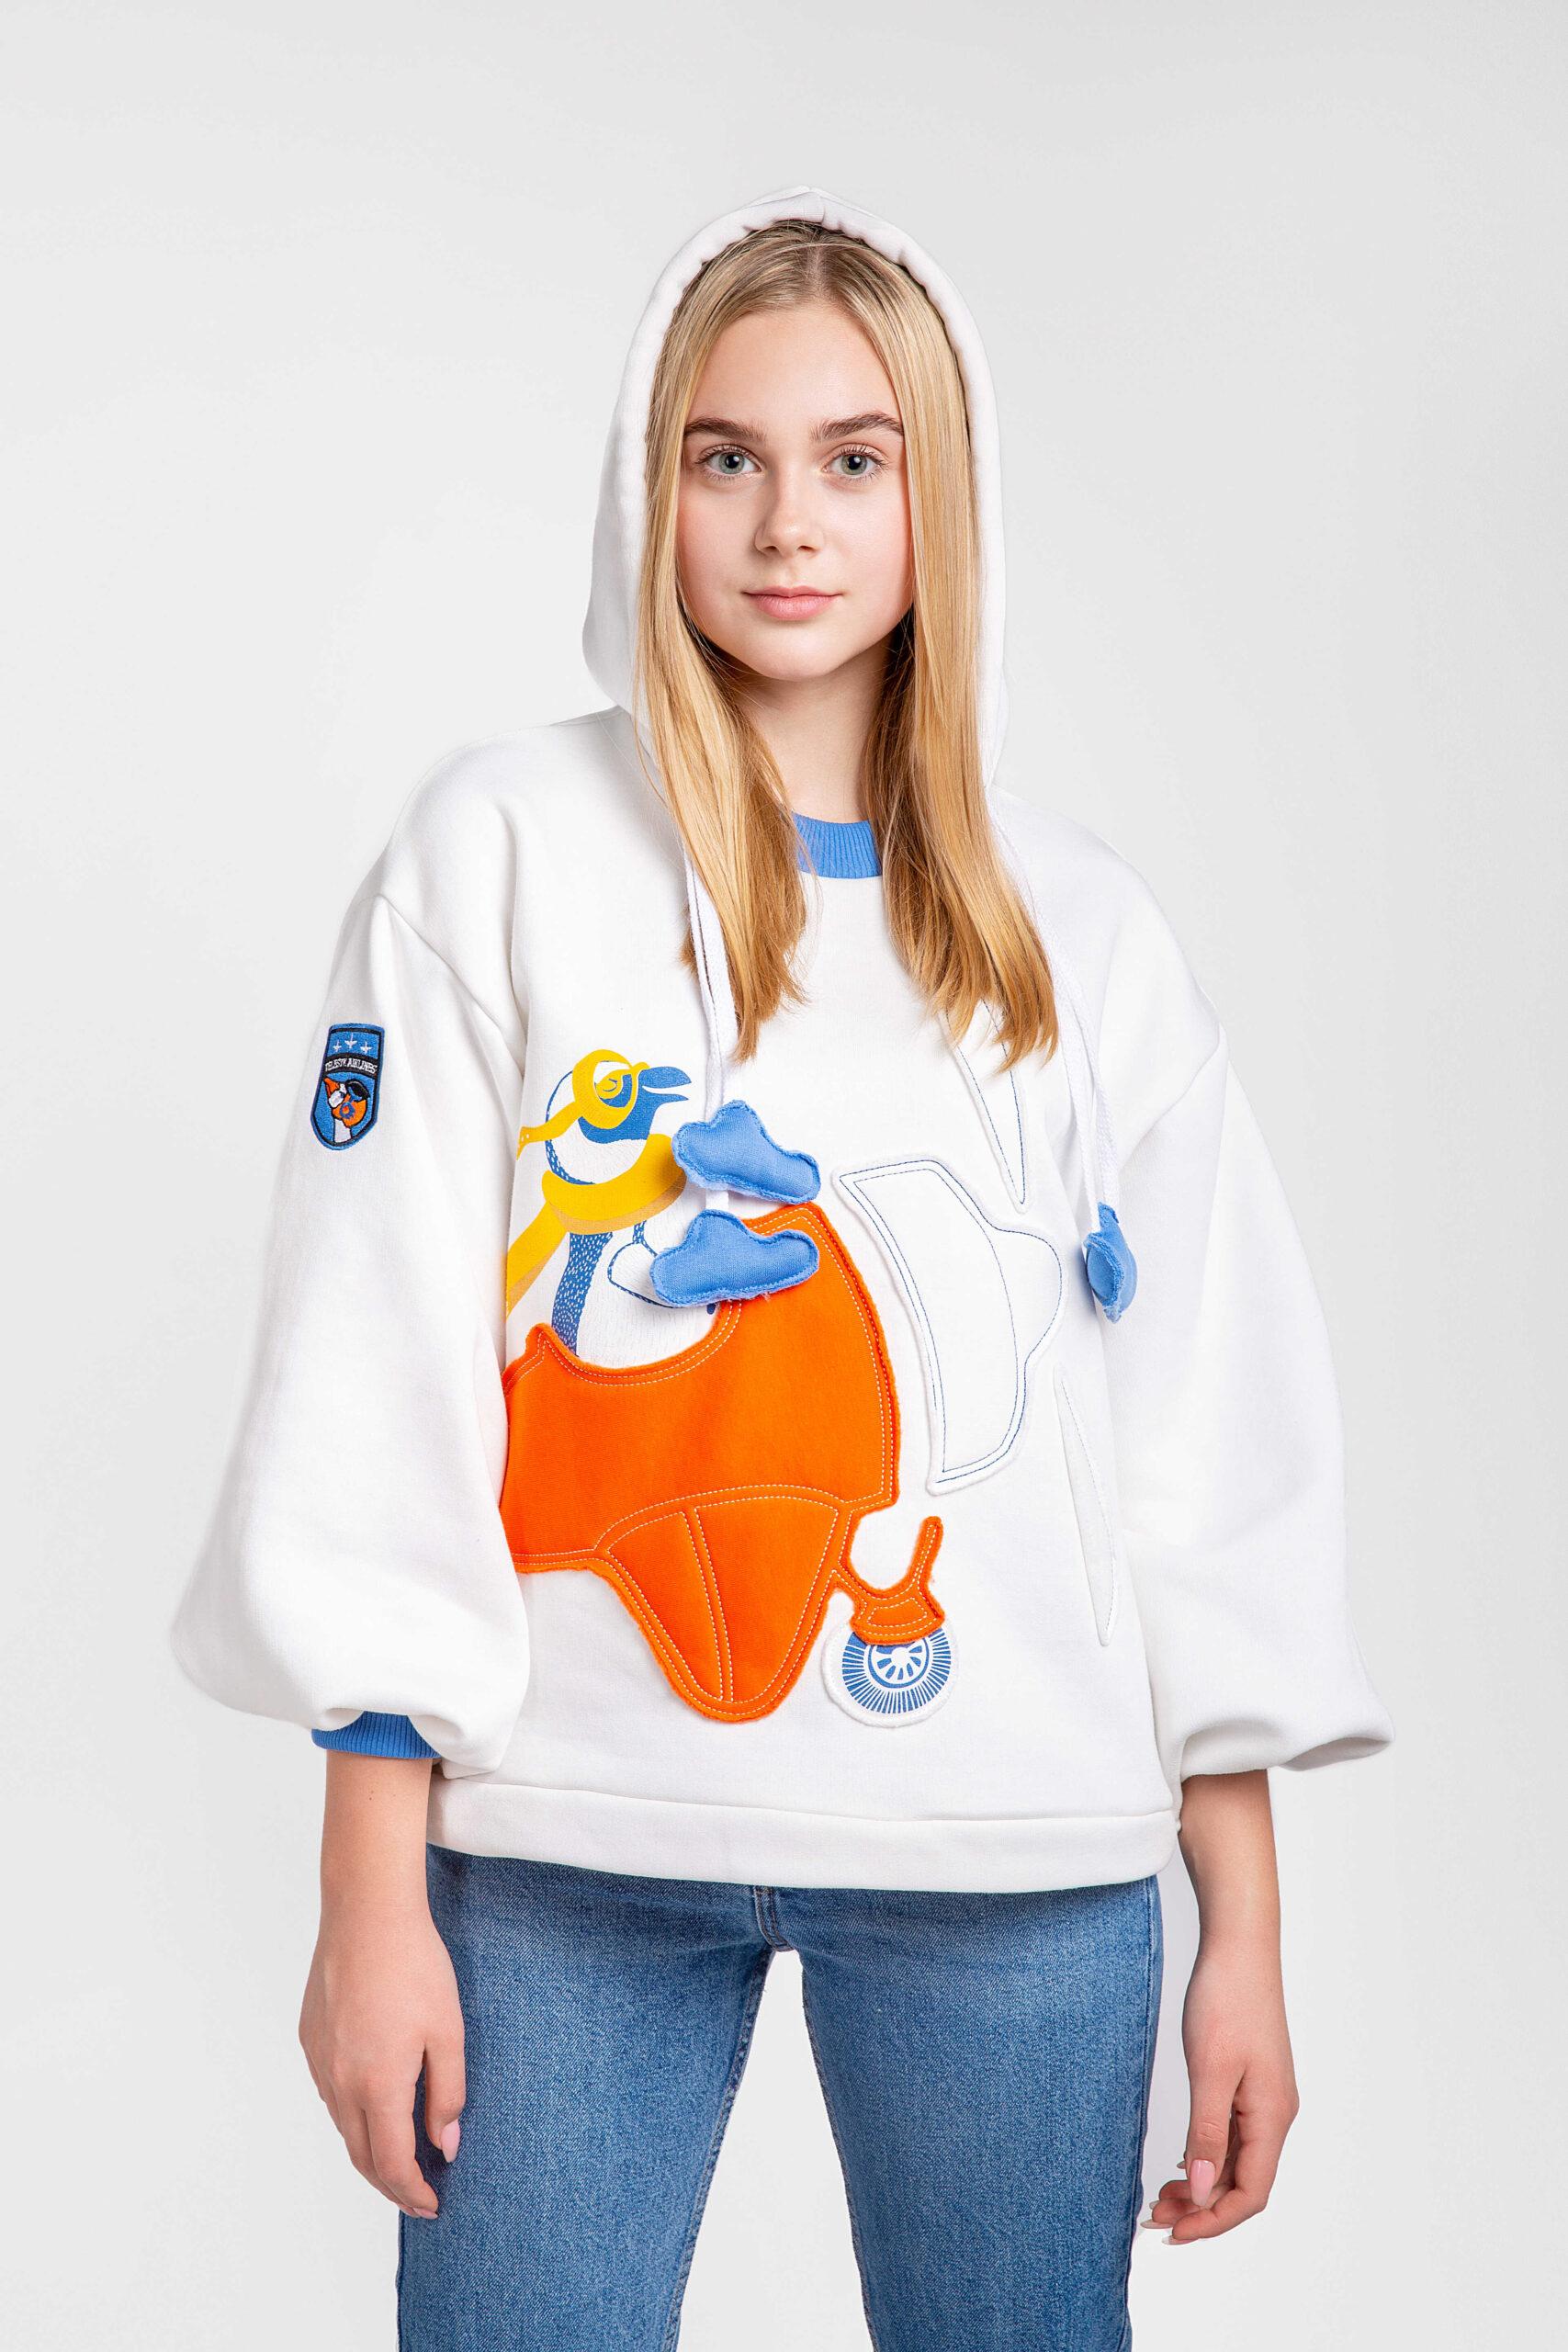 Жіноче Худі Пінгвін. Color white.  Розмір на моделі: S/M.